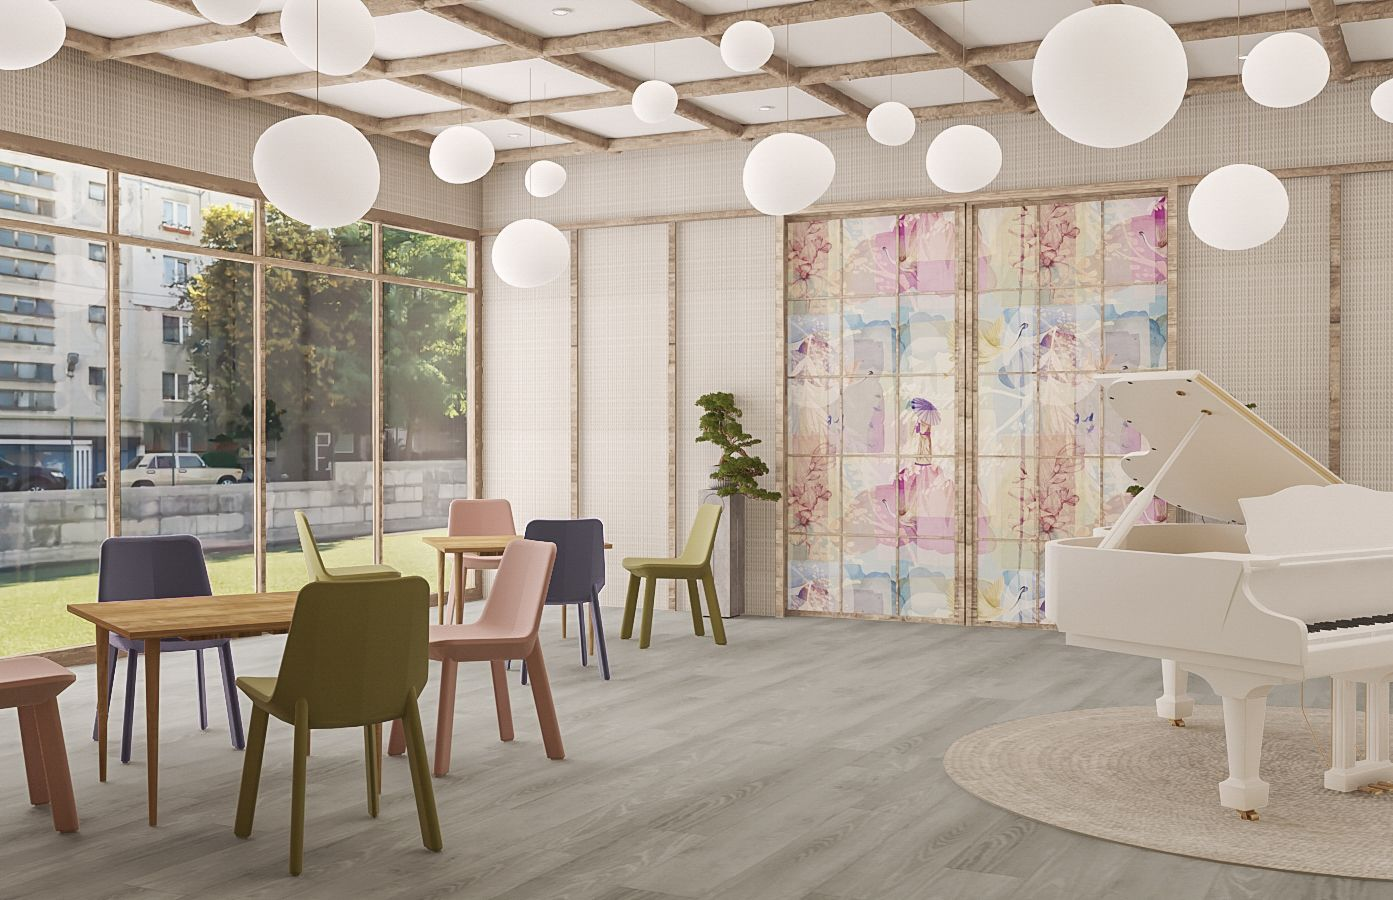 Jikan Galleria - Community Room 2